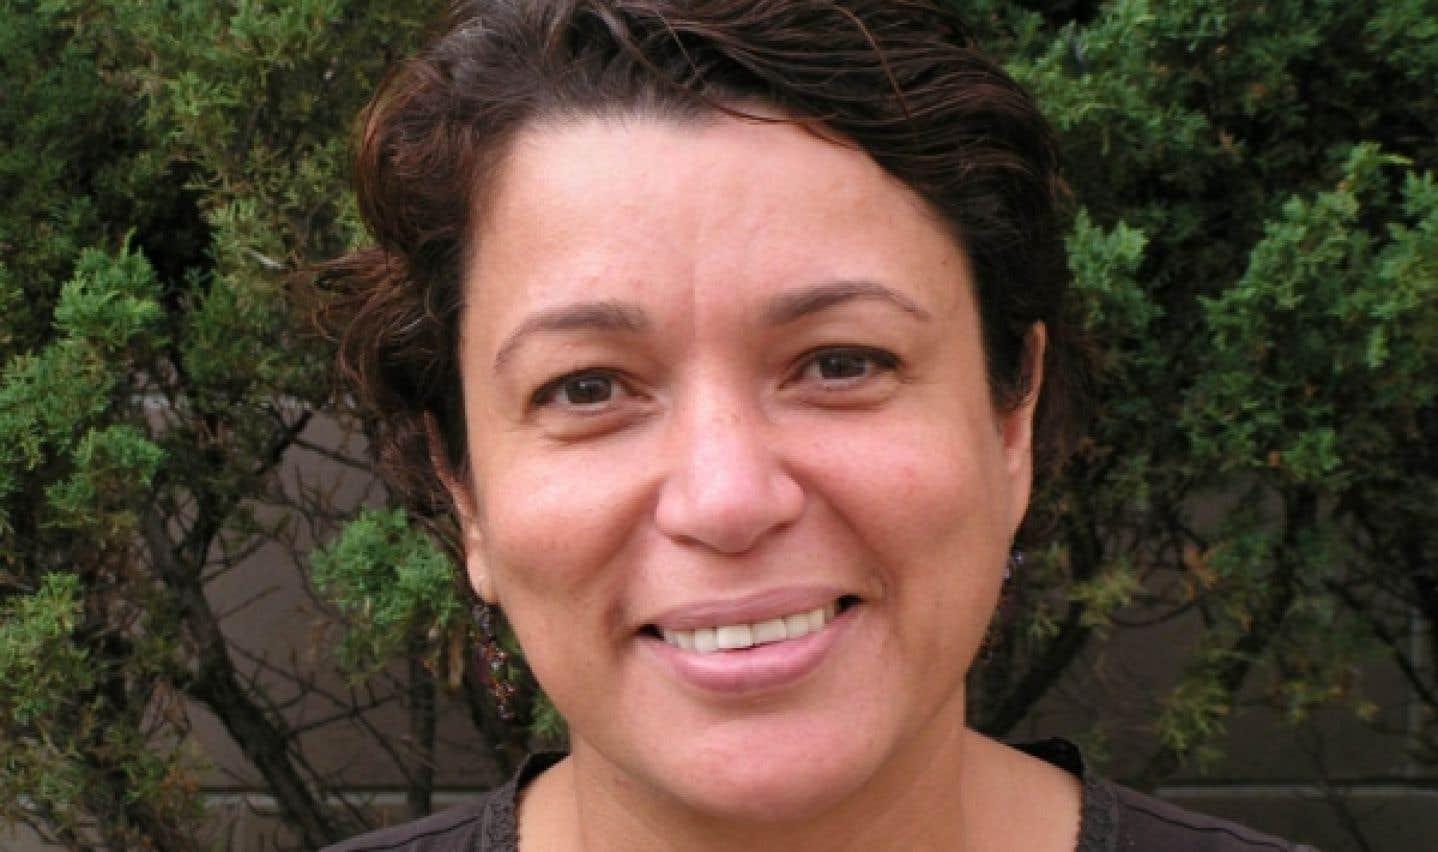 Professeure au Département de stratégie, responsabilité sociale et environnementale, Bouchra M'Zali rappelle que le Québec a fait siens les principes d'investissements responsables.